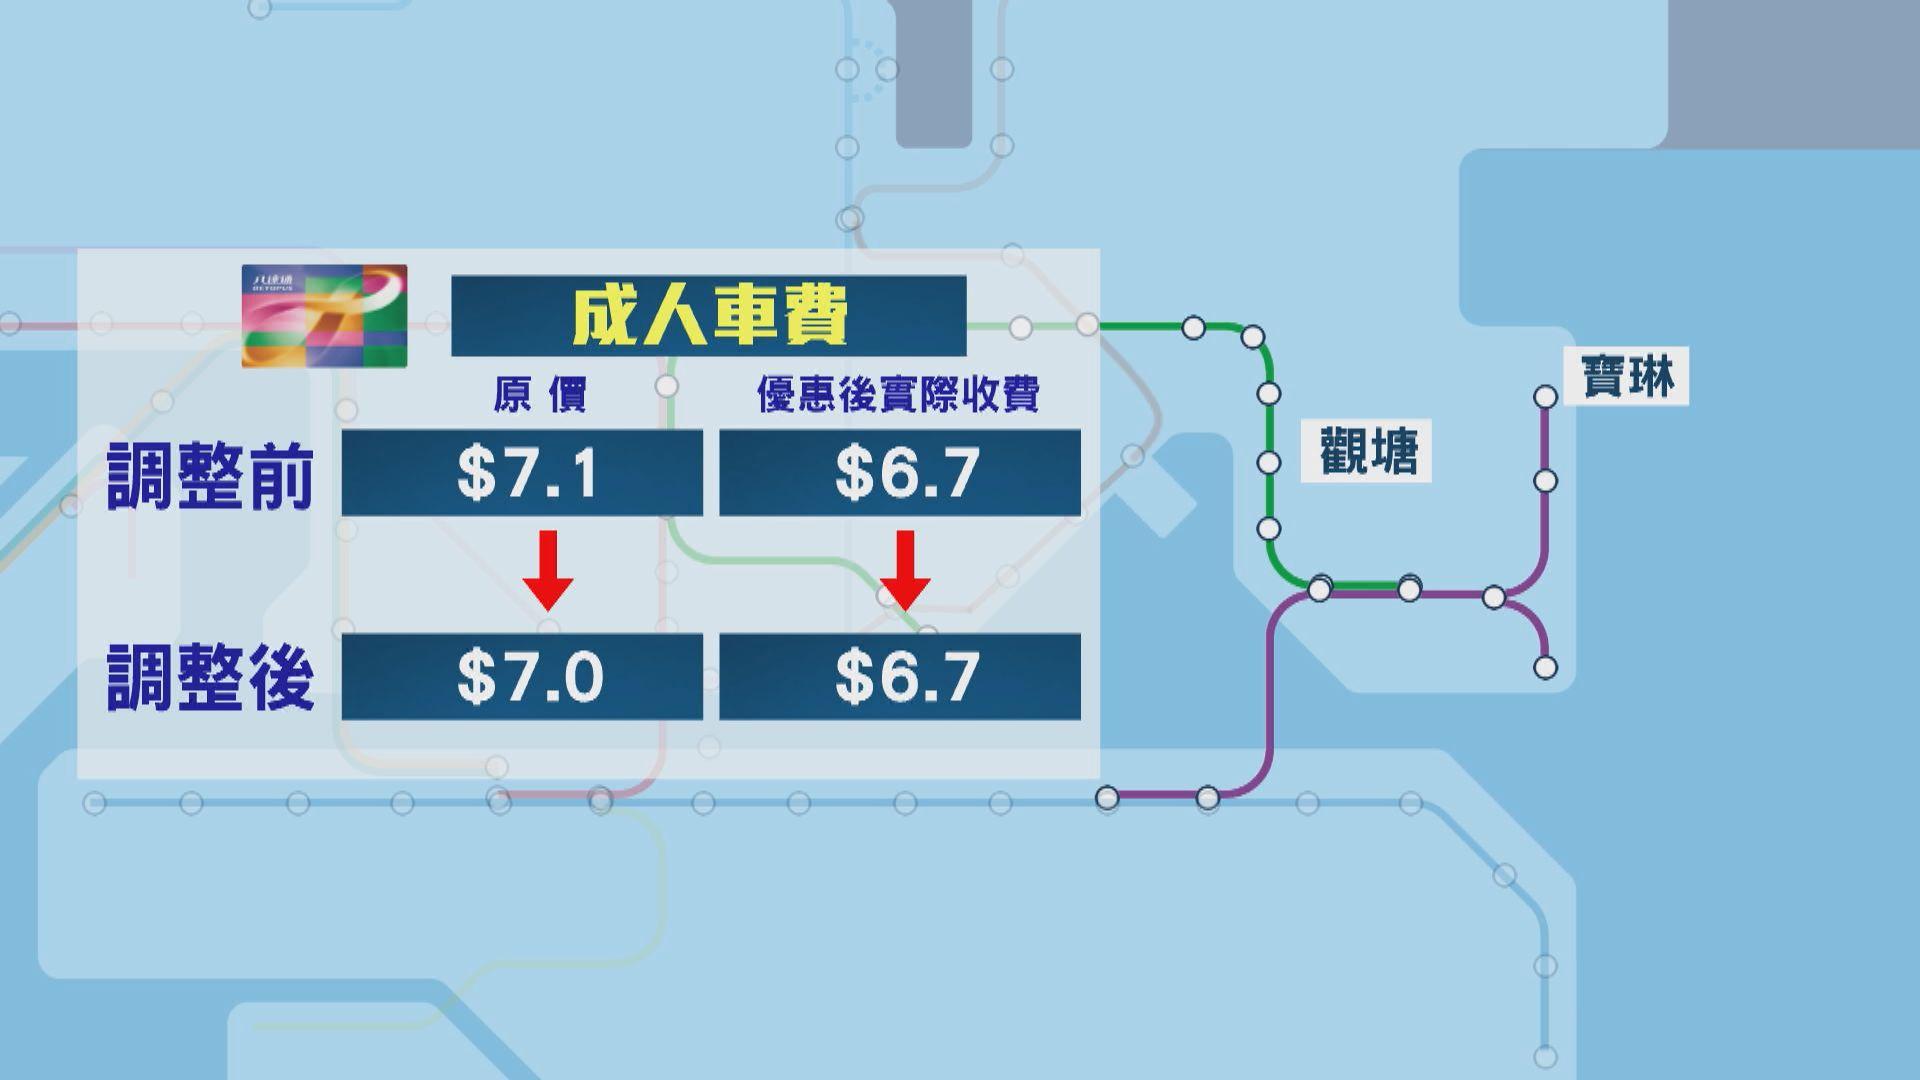 港鐵即日減價1.85%同時減優惠 有乘客指無甚幫助